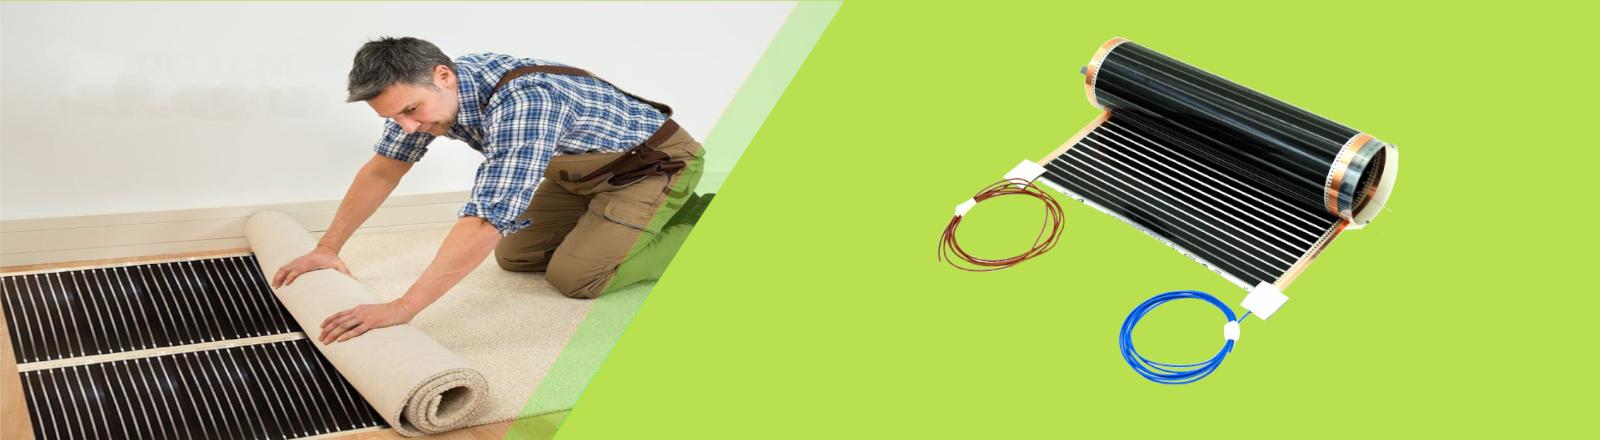 Infrarot Heizfolie für Laminat Parkett